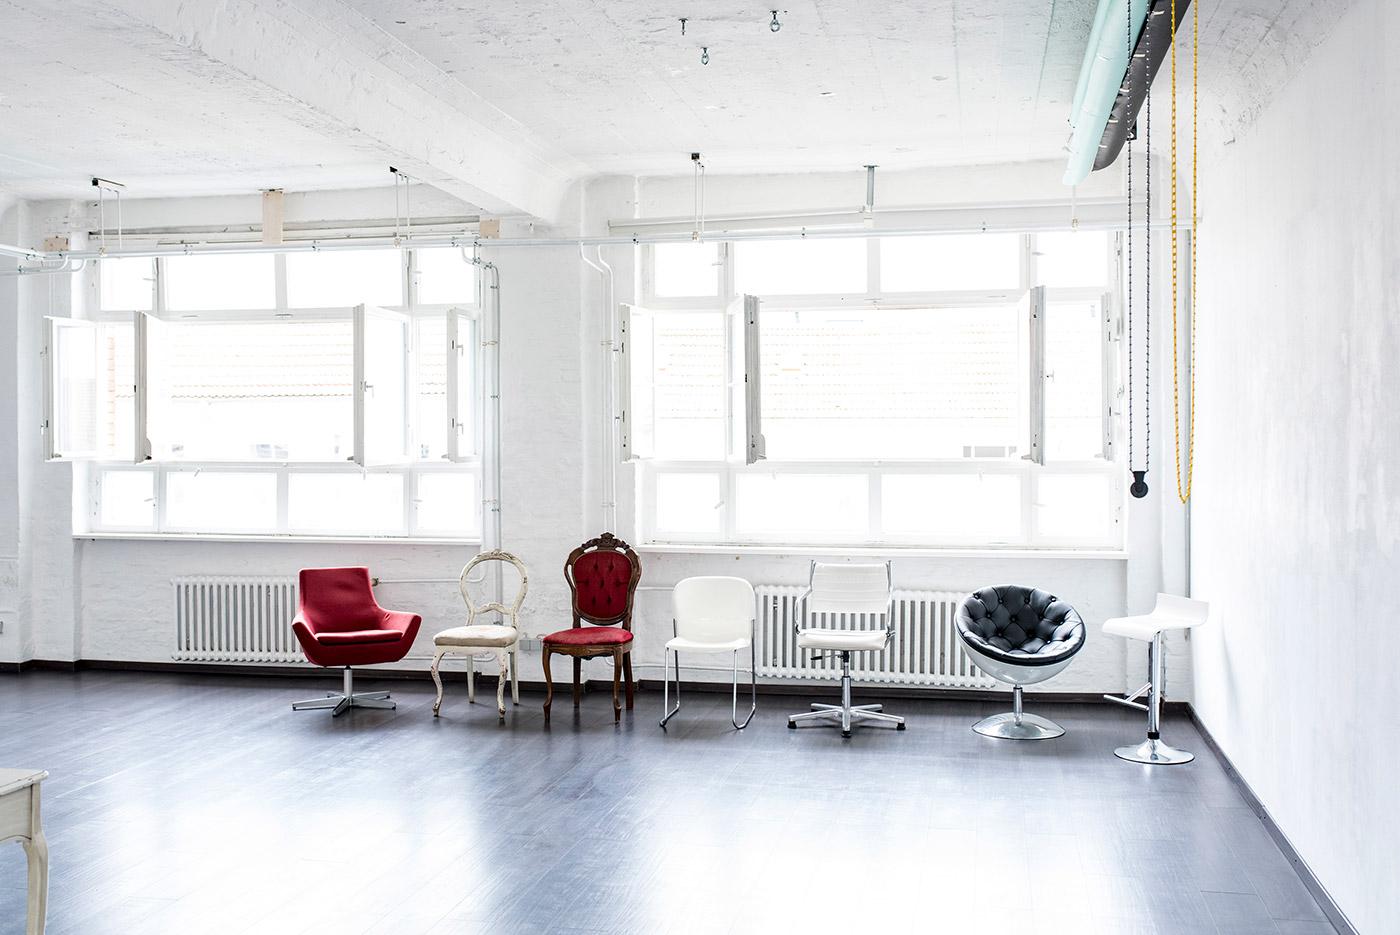 bilder und grundriss vom ocean studio berlin. Black Bedroom Furniture Sets. Home Design Ideas